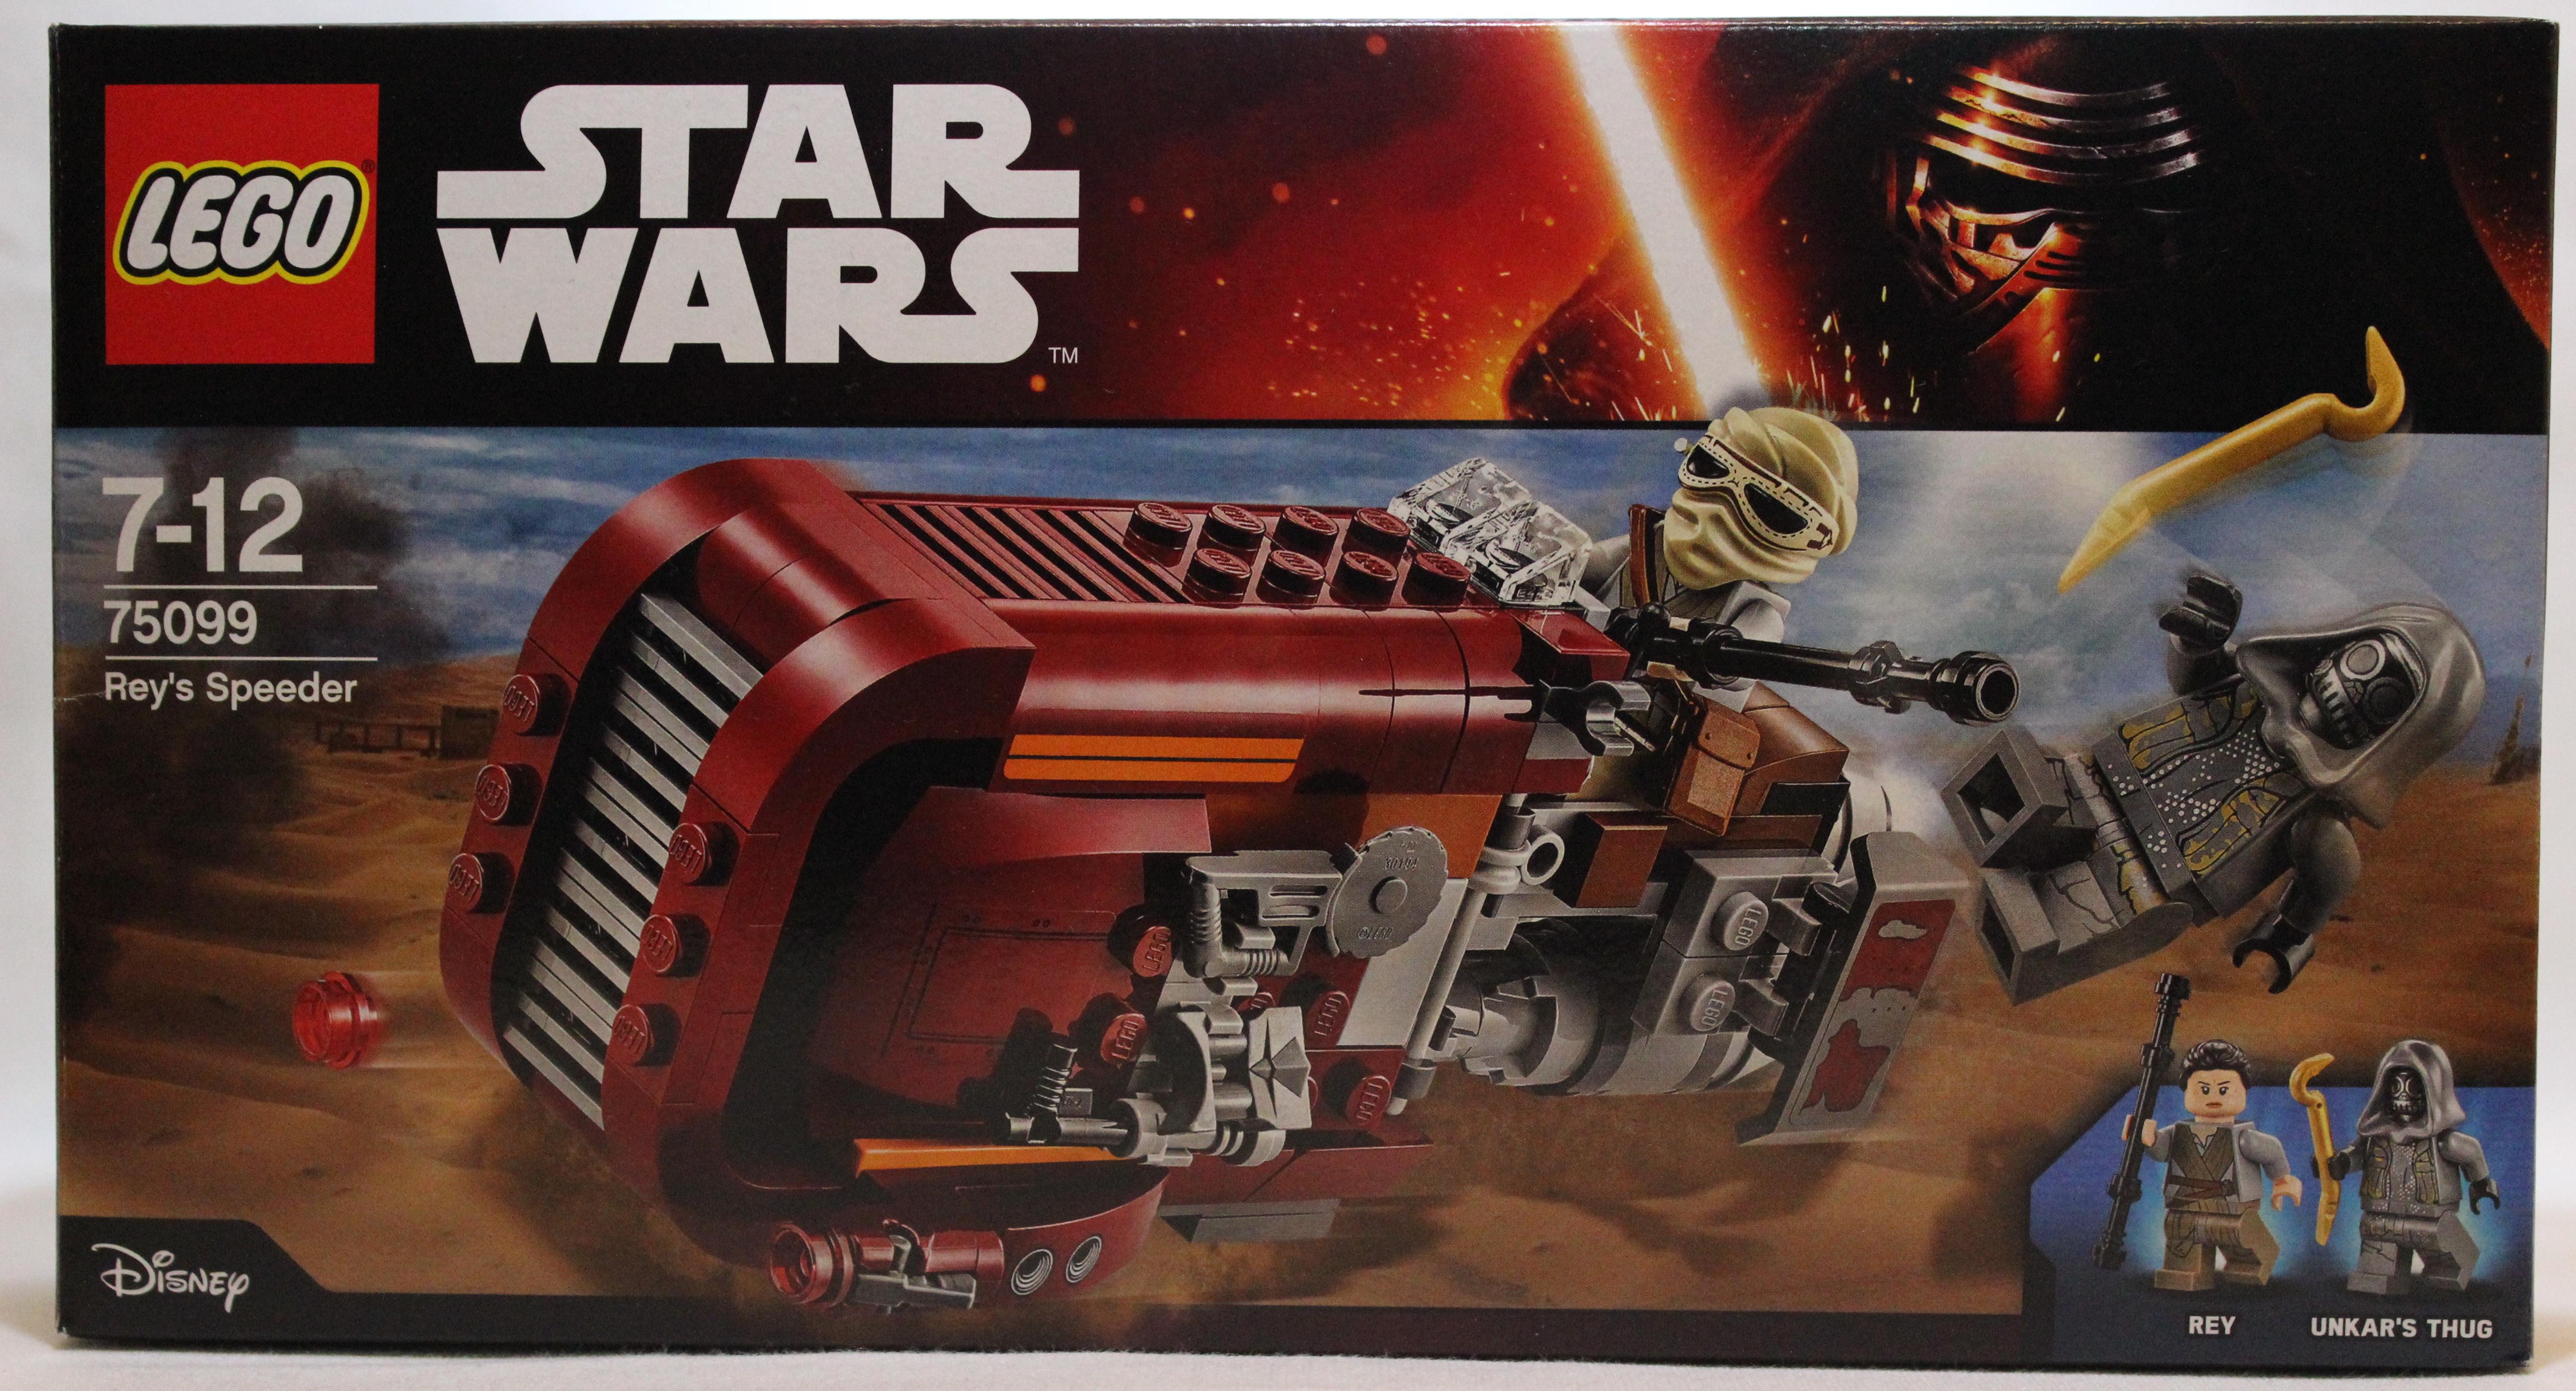 Lego star wars rey s speeder 75099 review truthfulnerd - Lego star warse ...